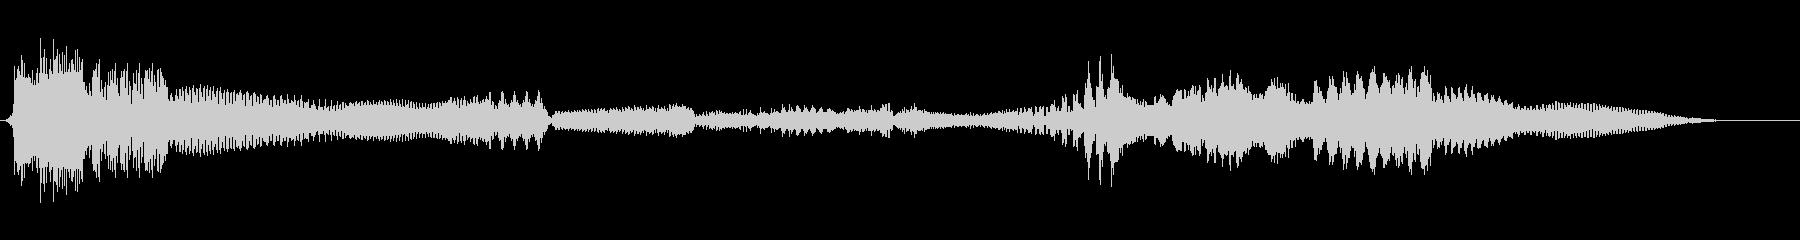 サイバーコミュニケーション:シック...の未再生の波形